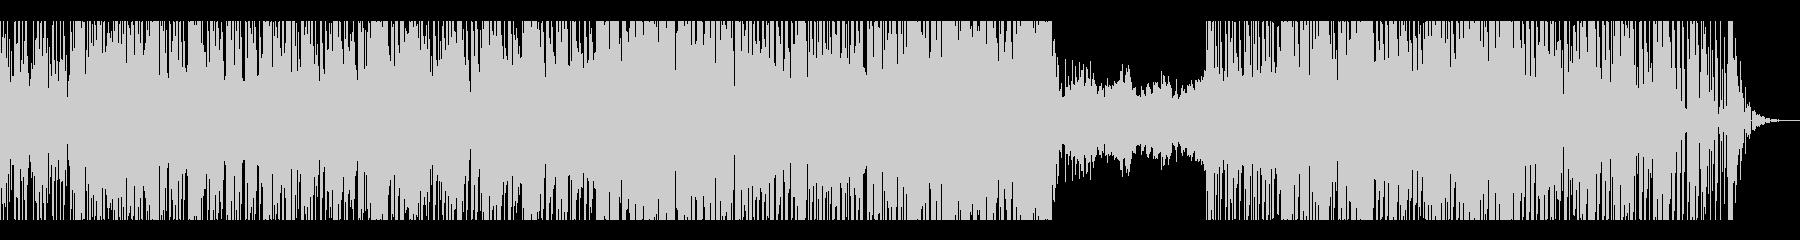 トリップホップ風の未再生の波形